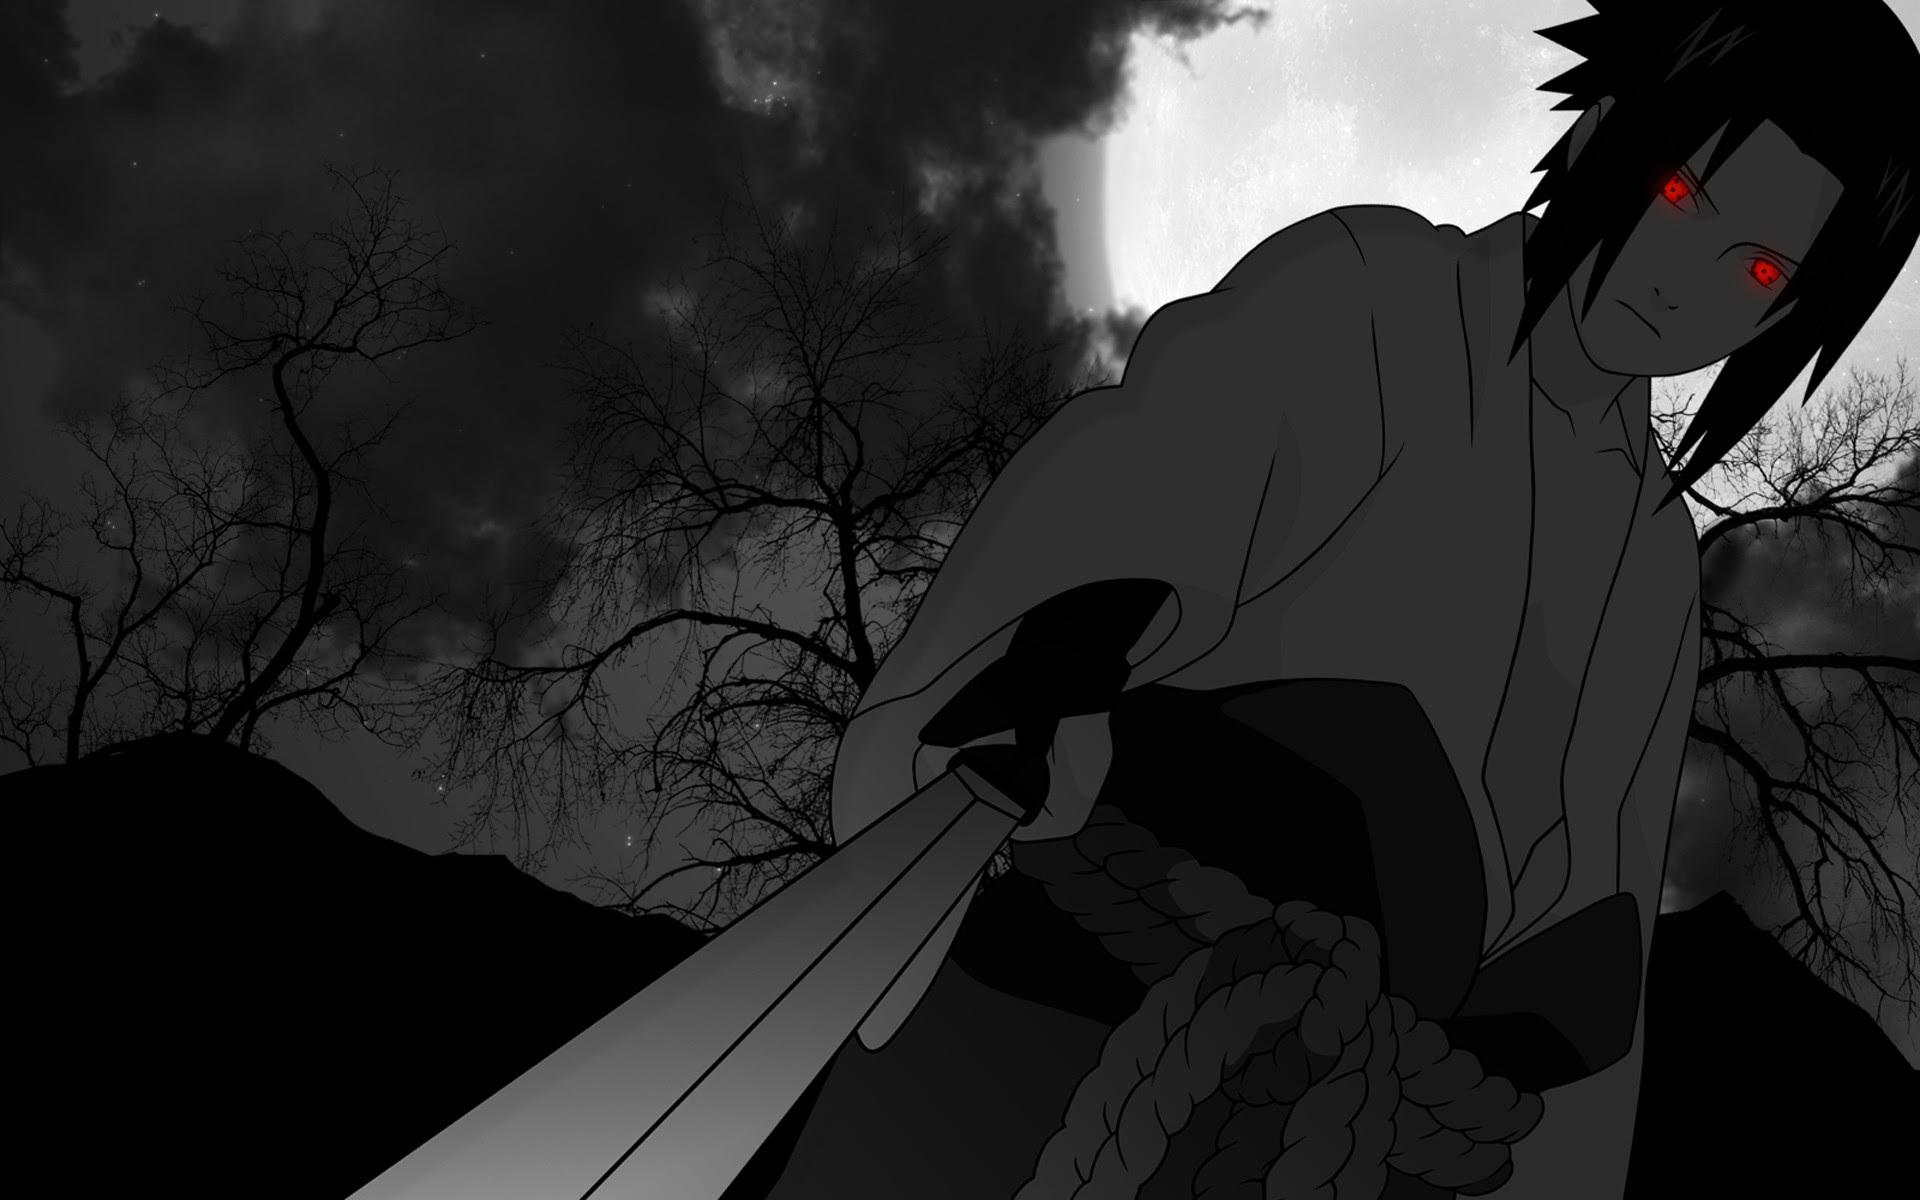 Sasuke Uchiha Sharingan Wallpaper 63 Images